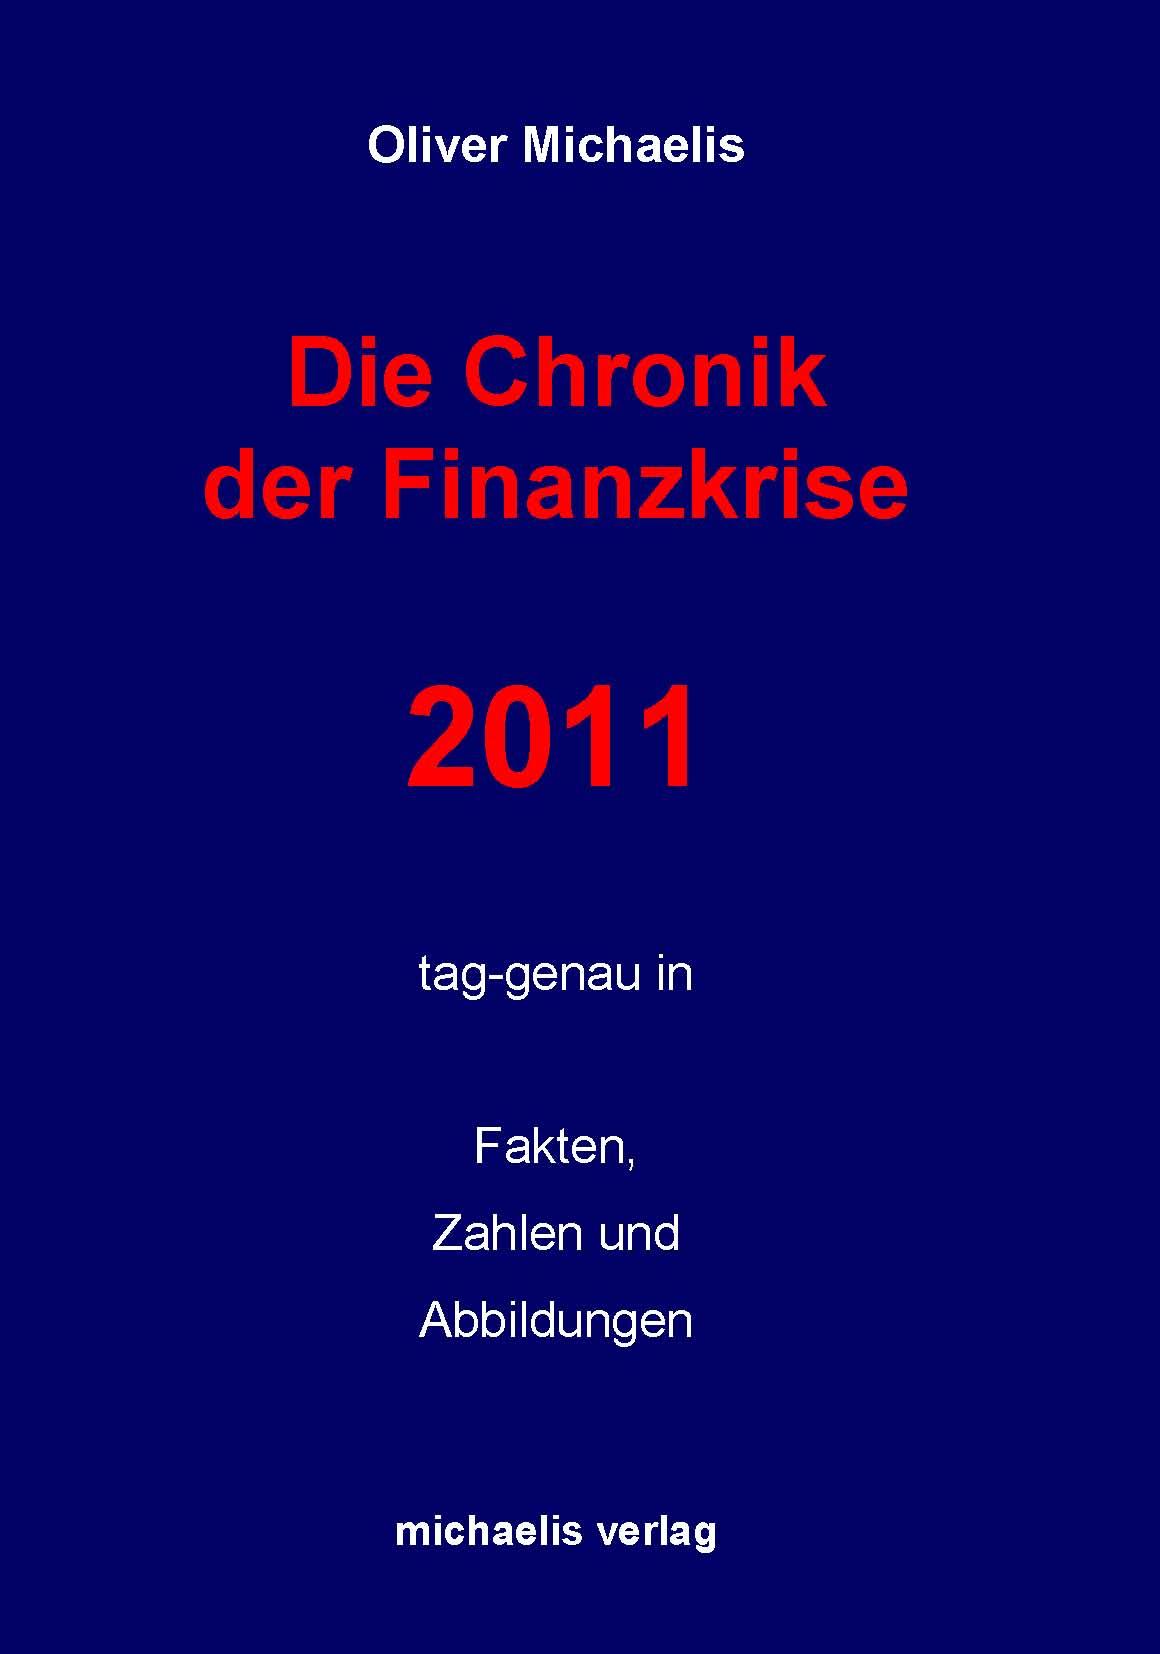 Die Chronik der Finanzkrise 2011